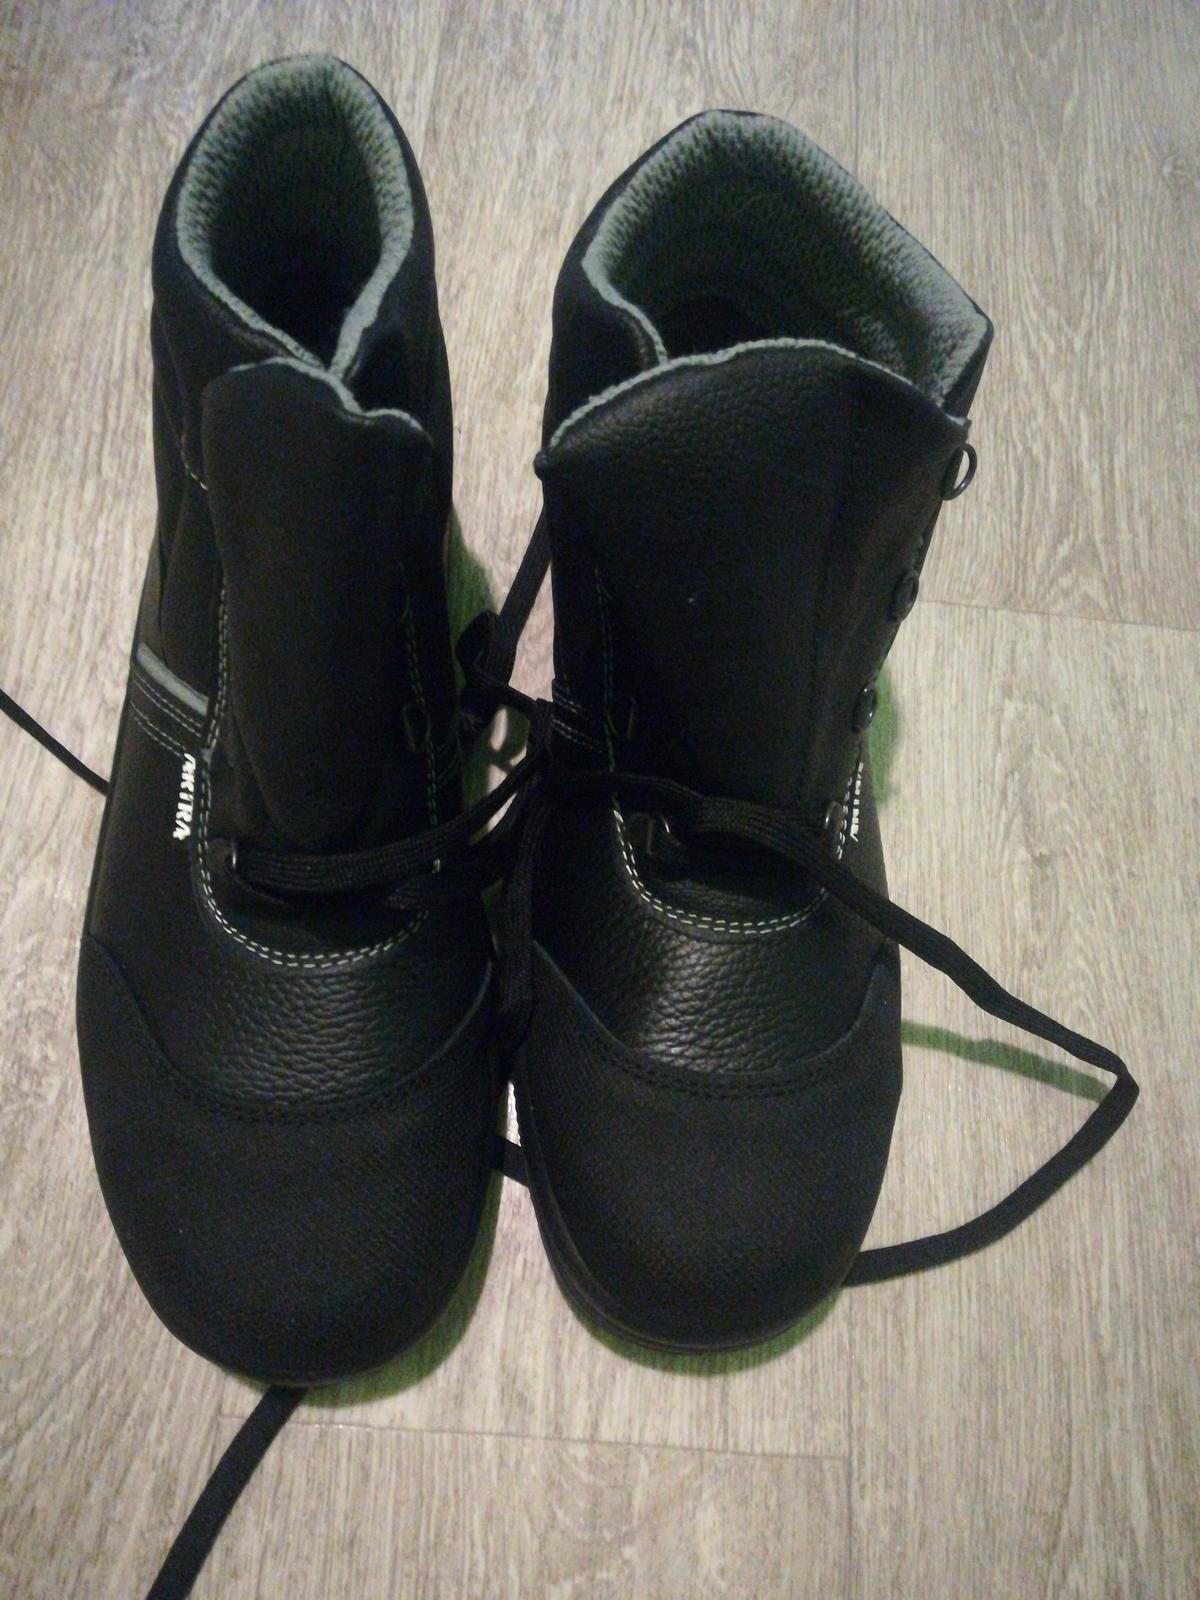 Pracovná obuv veľkosť 41 oceľová špička - Obrázok č. 1